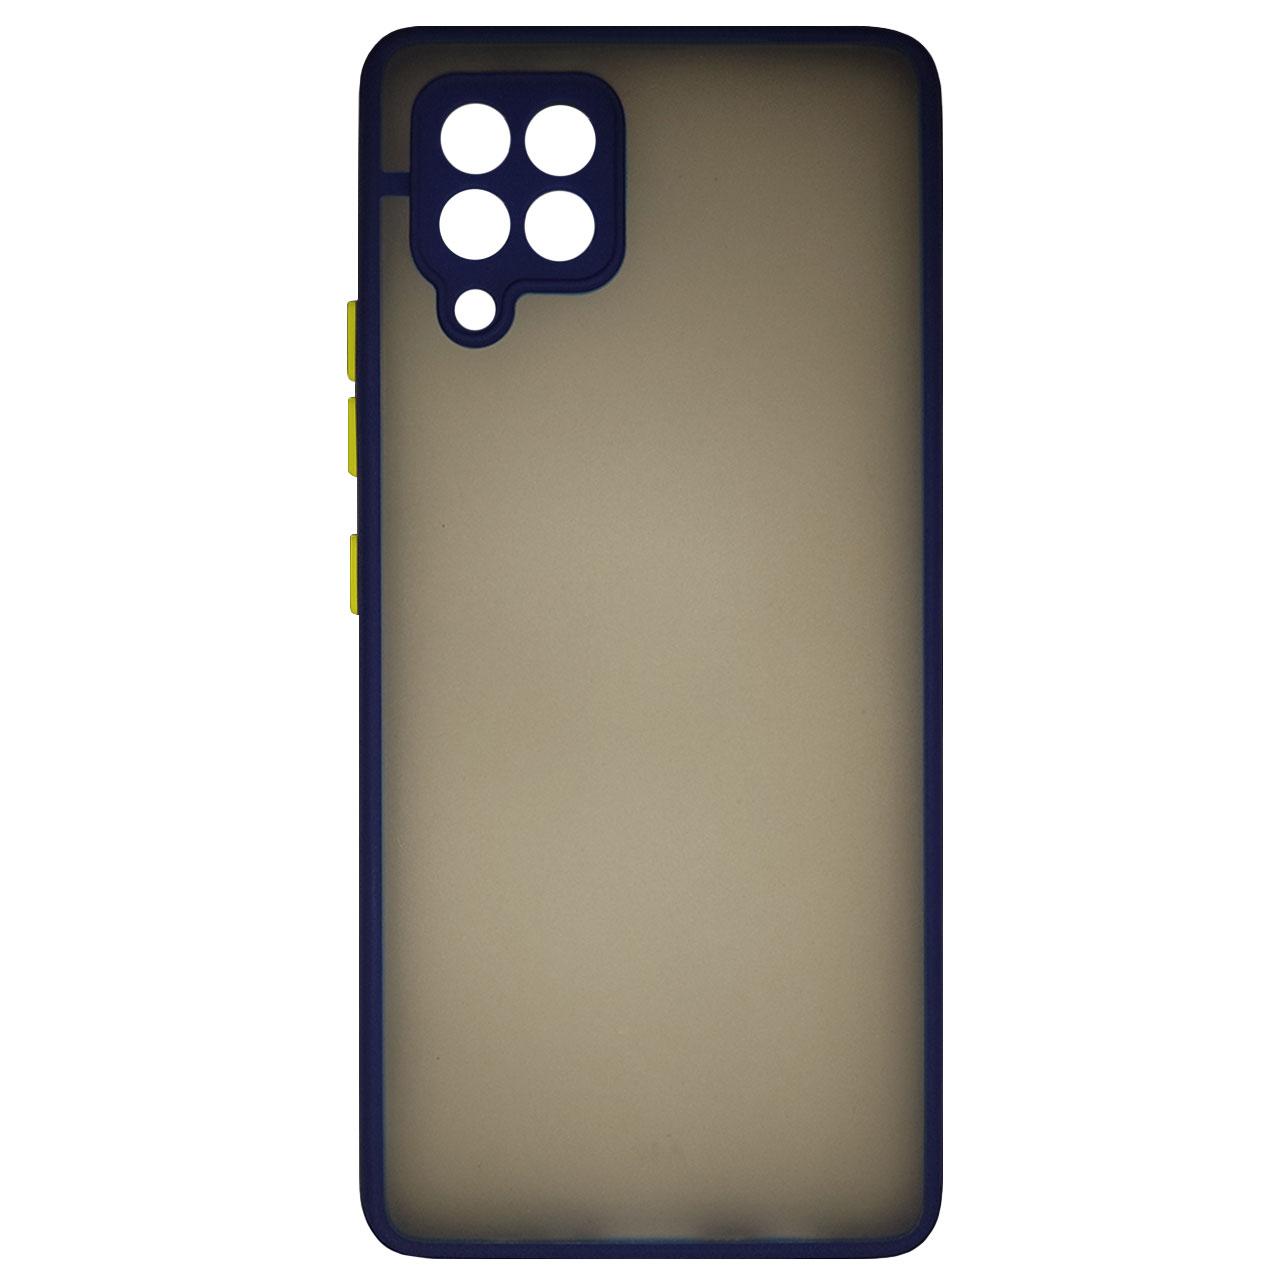 خرید اینترنتی [با تخفیف] کاور مدل PML مناسب برای گوشی موبایل سامسونگ Galaxy A42 اورجینال